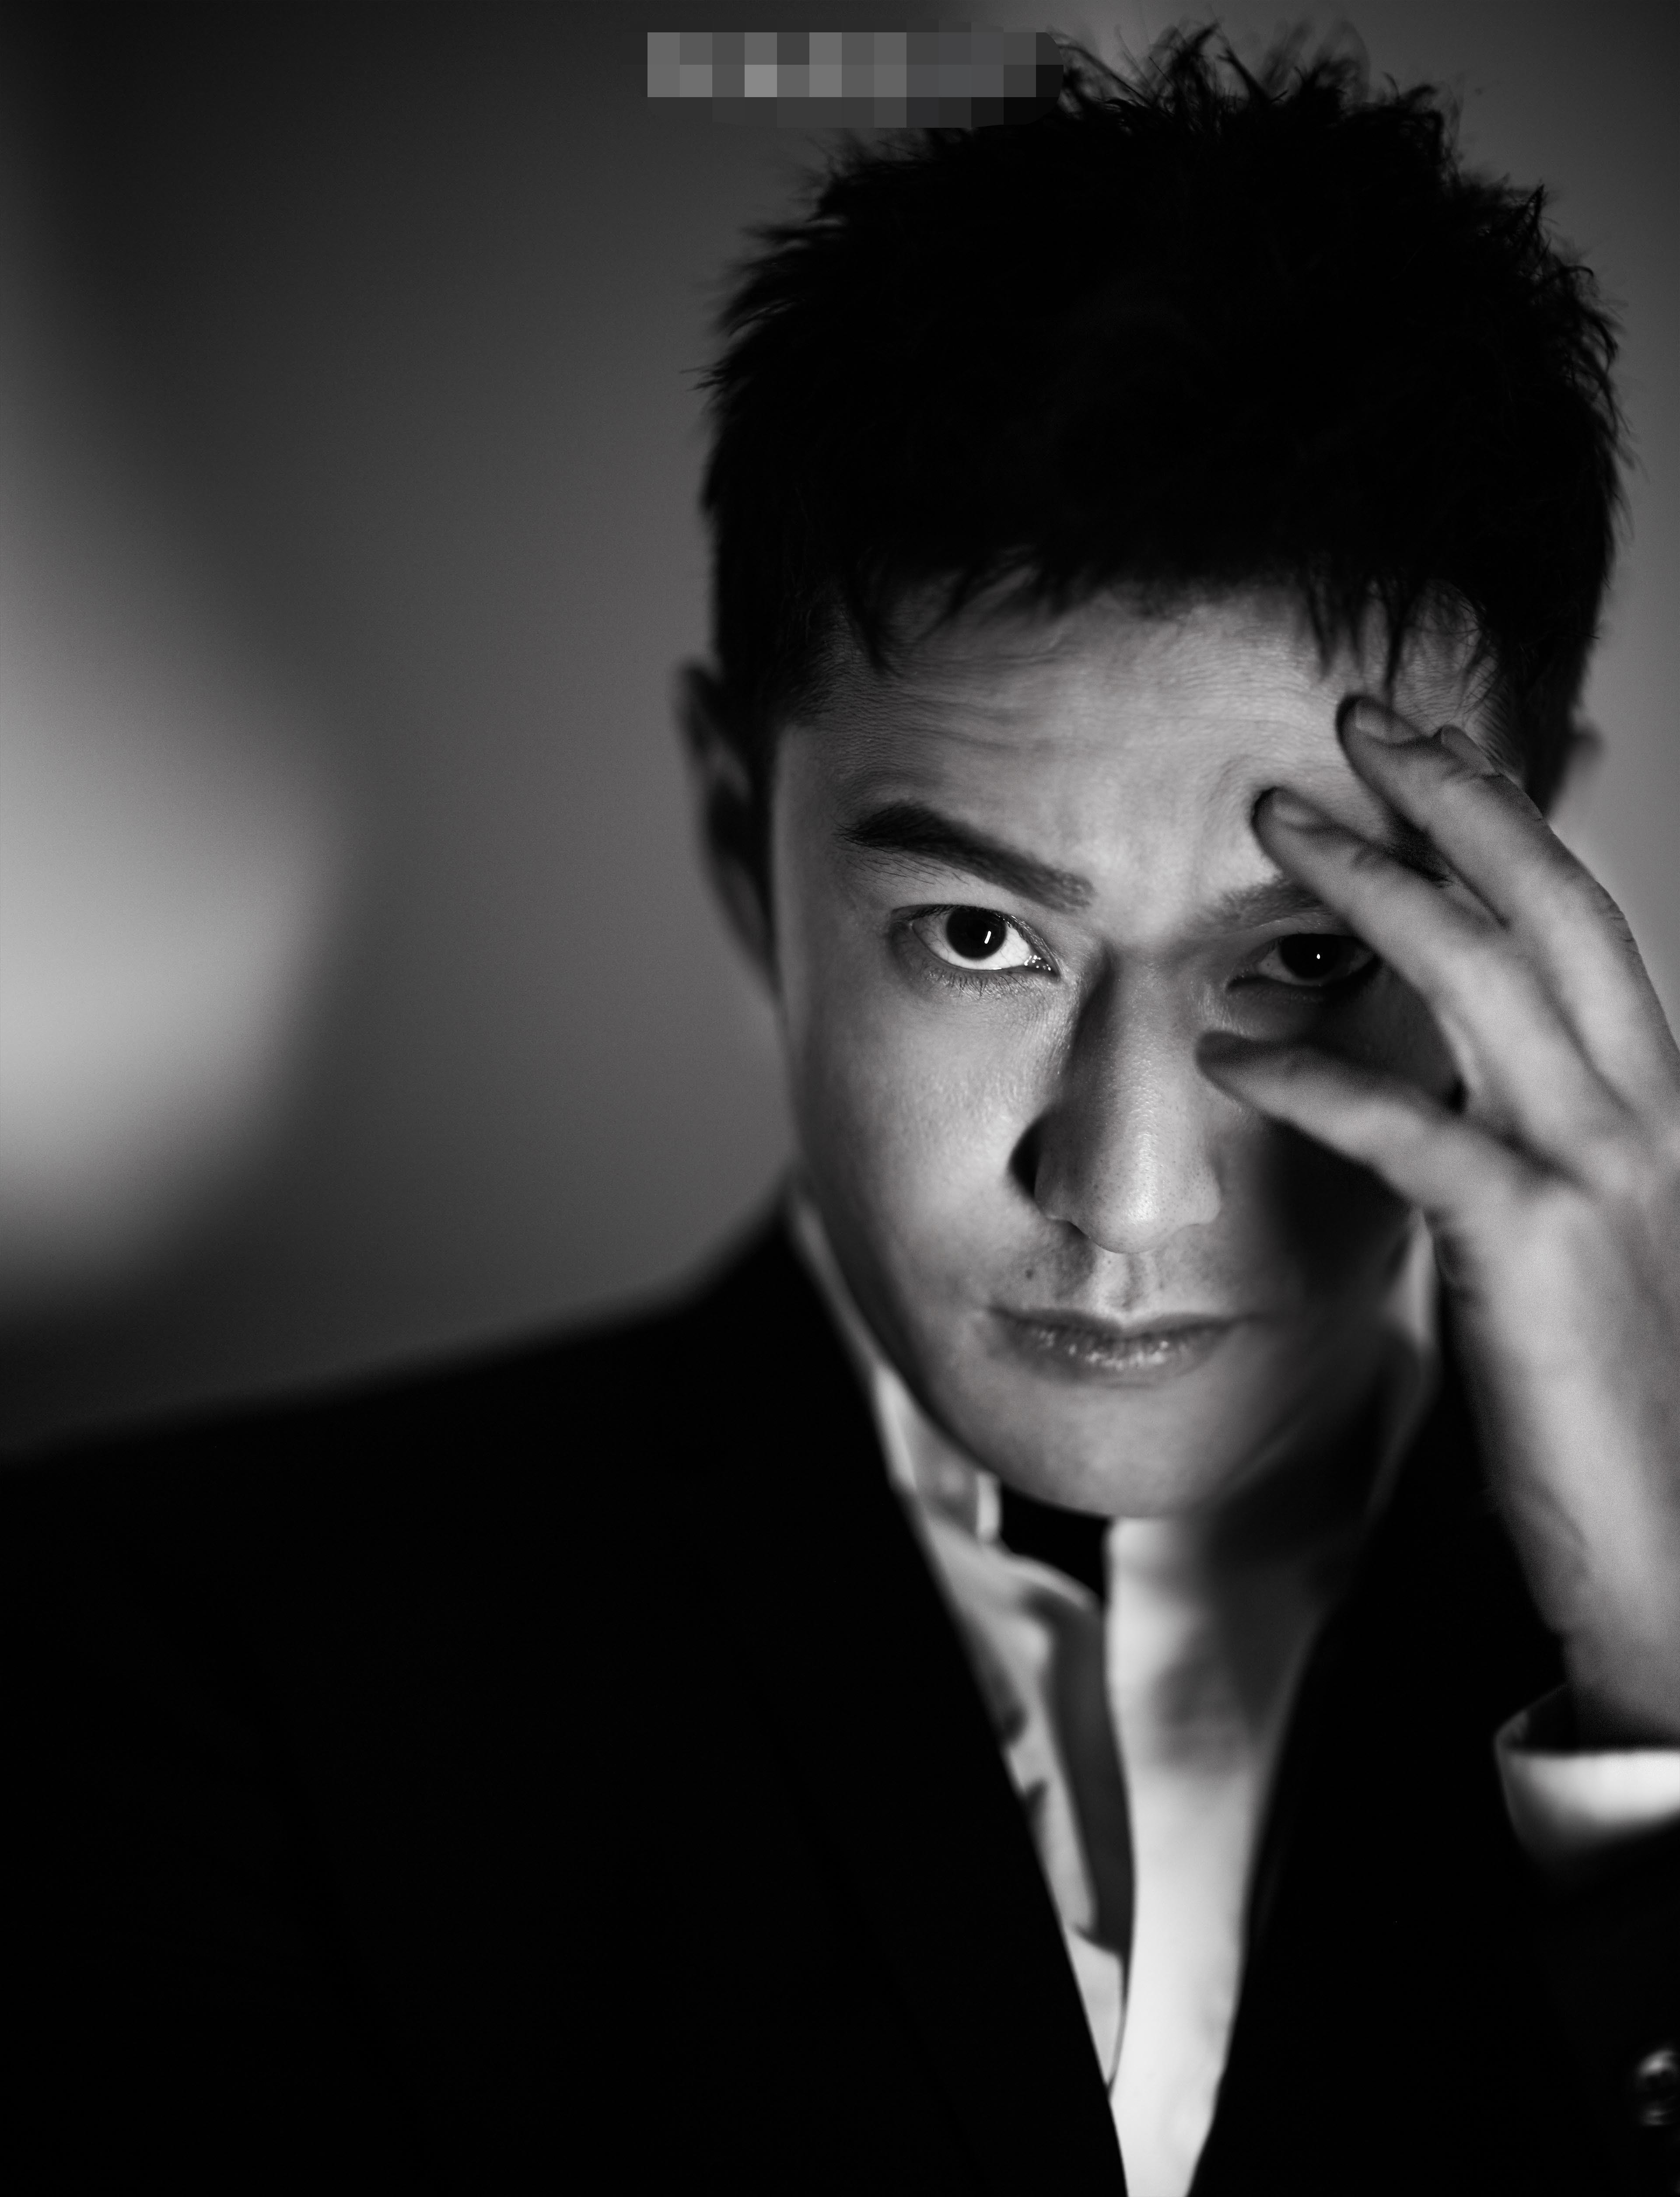 黄晓明温暖亮相电影盛典 以作品为镜重拾初心砥砺前行